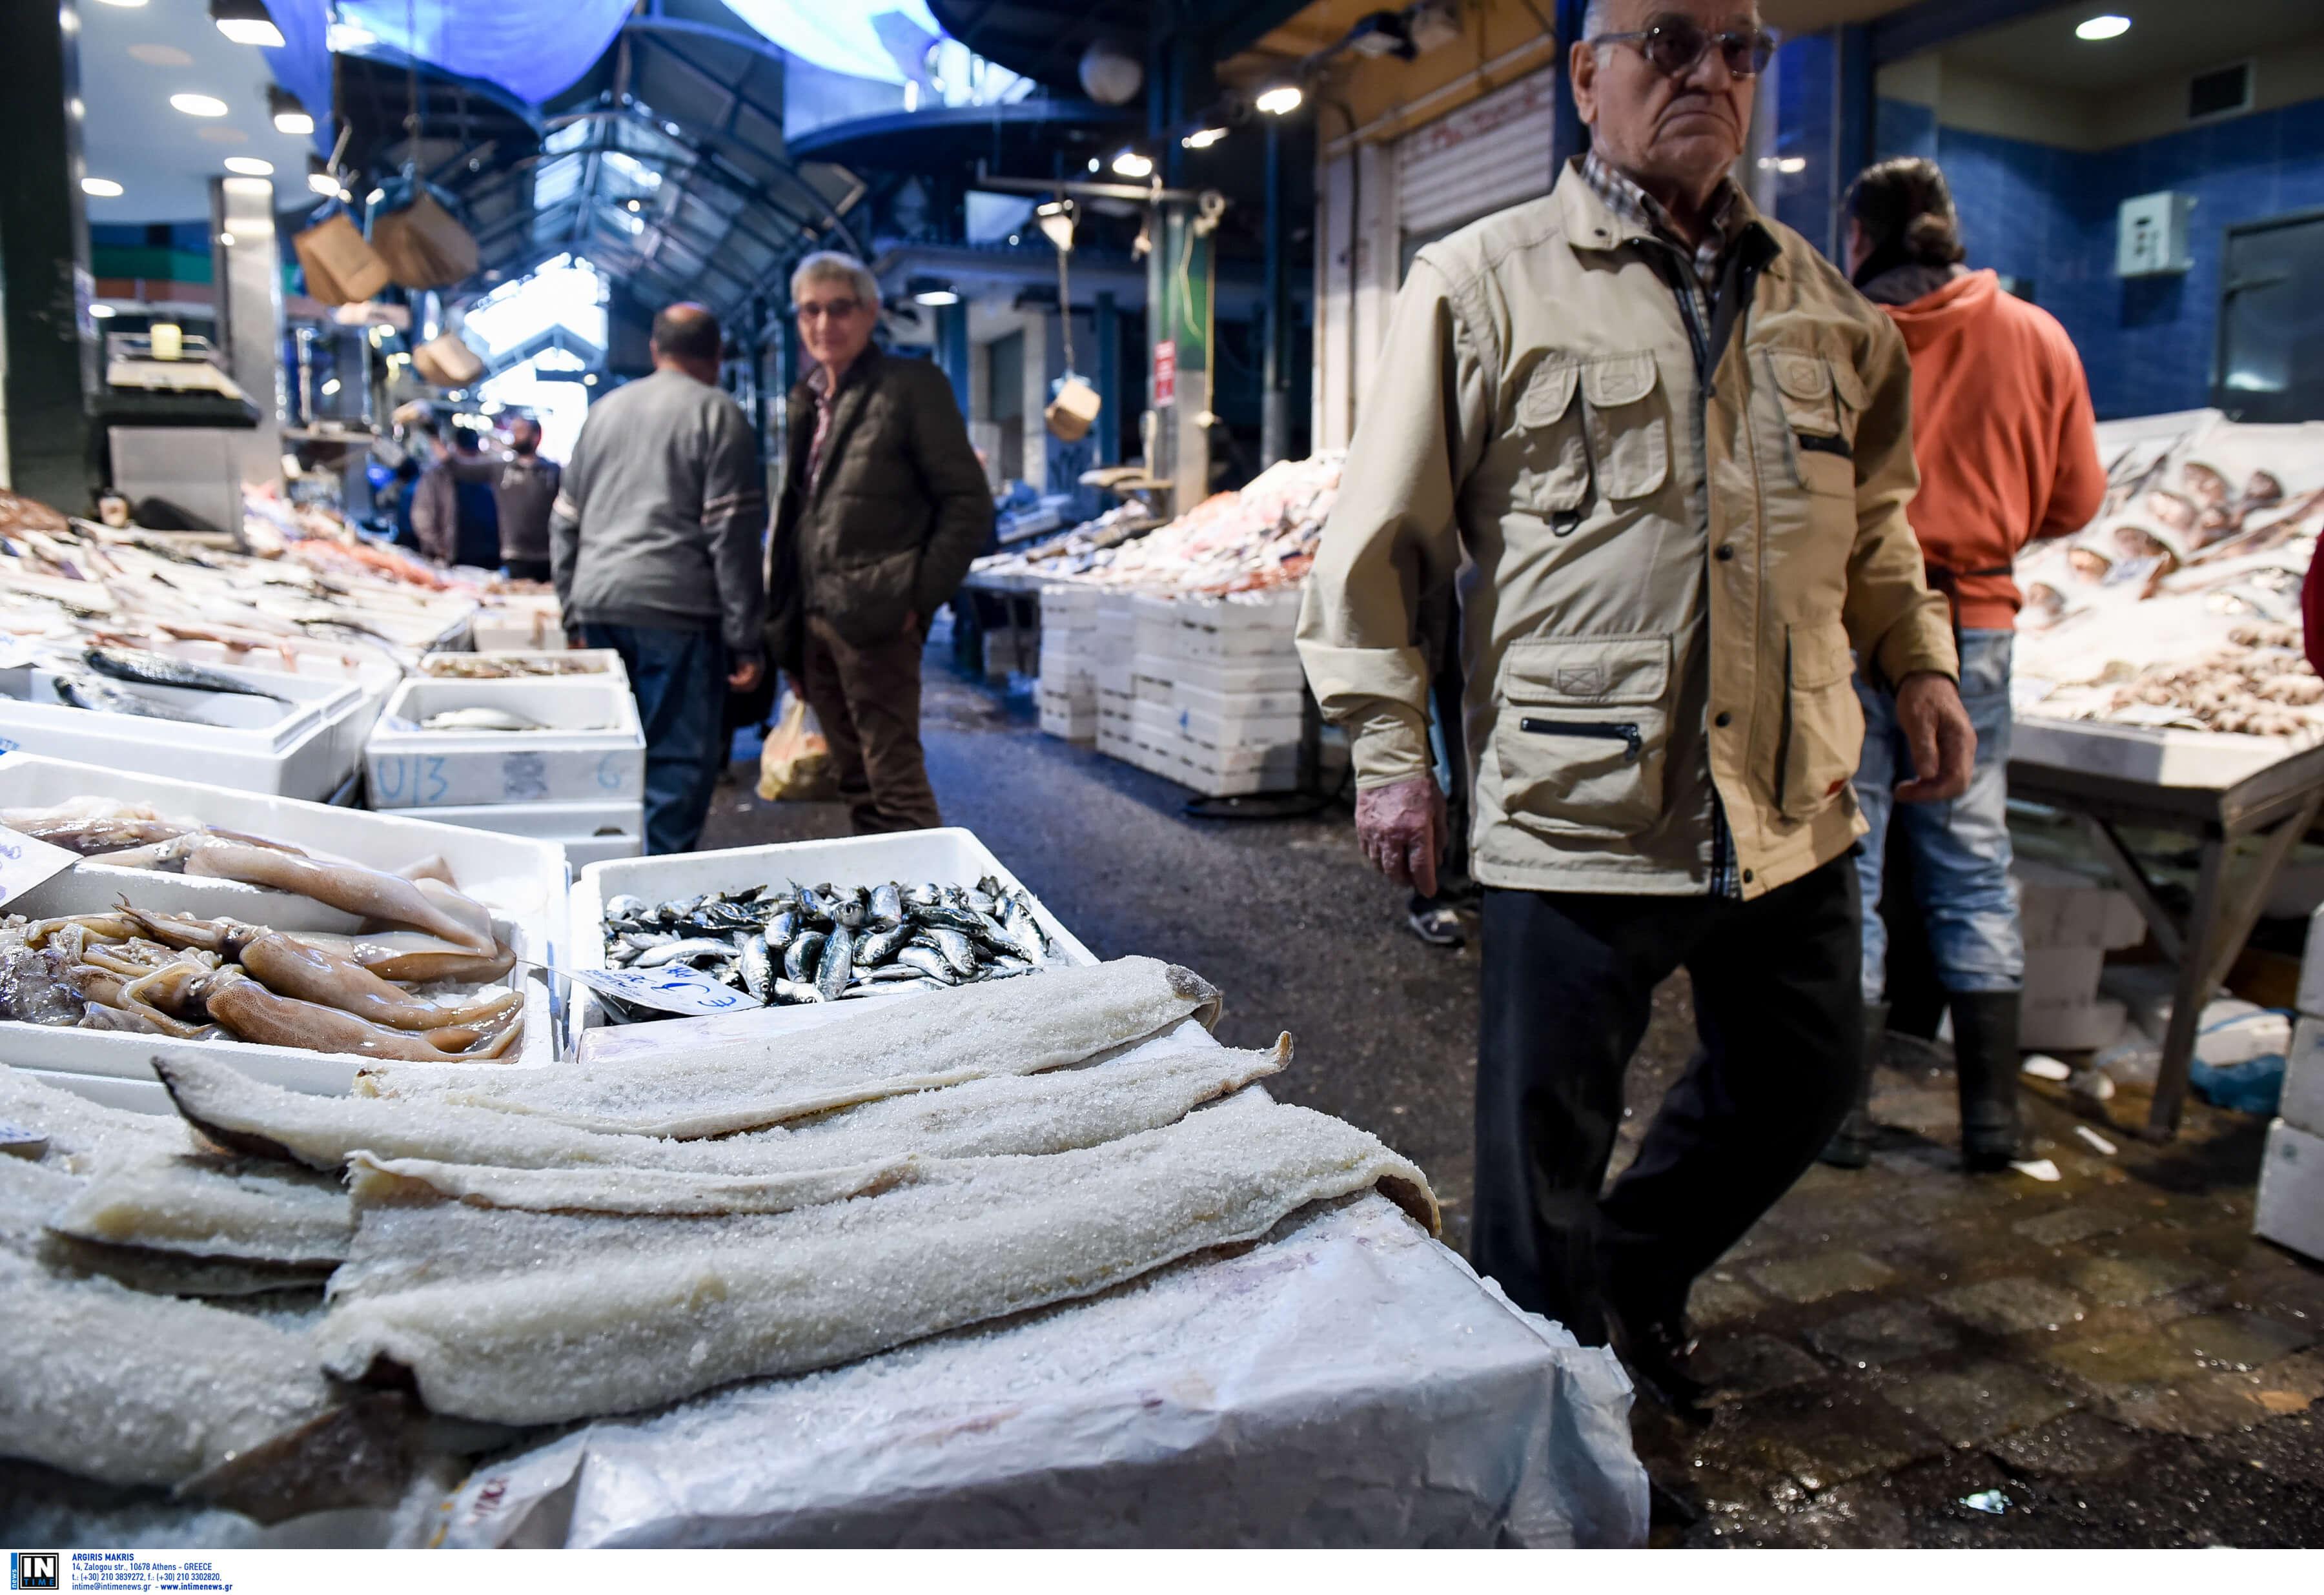 Στους ρυθμούς του… βακαλάου η αγορά Καπάνι! | Newsit.gr